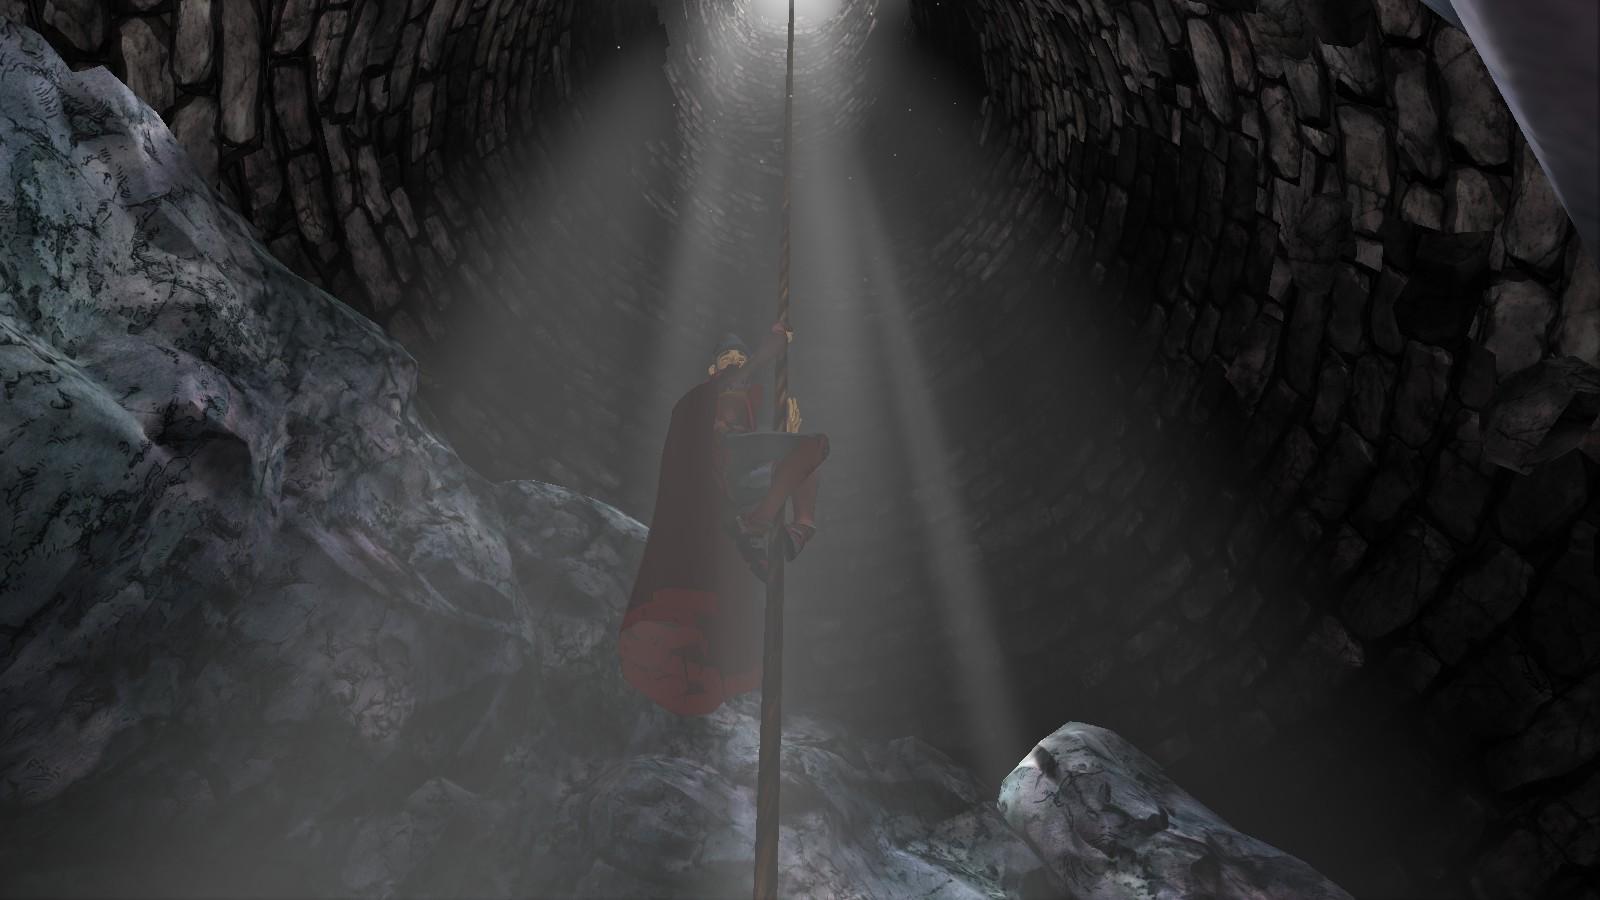 Graham jeszcze nie wie, że do wnętrze tej  studni stanie się celem niezliczonych i niebezpiecznych wypraw